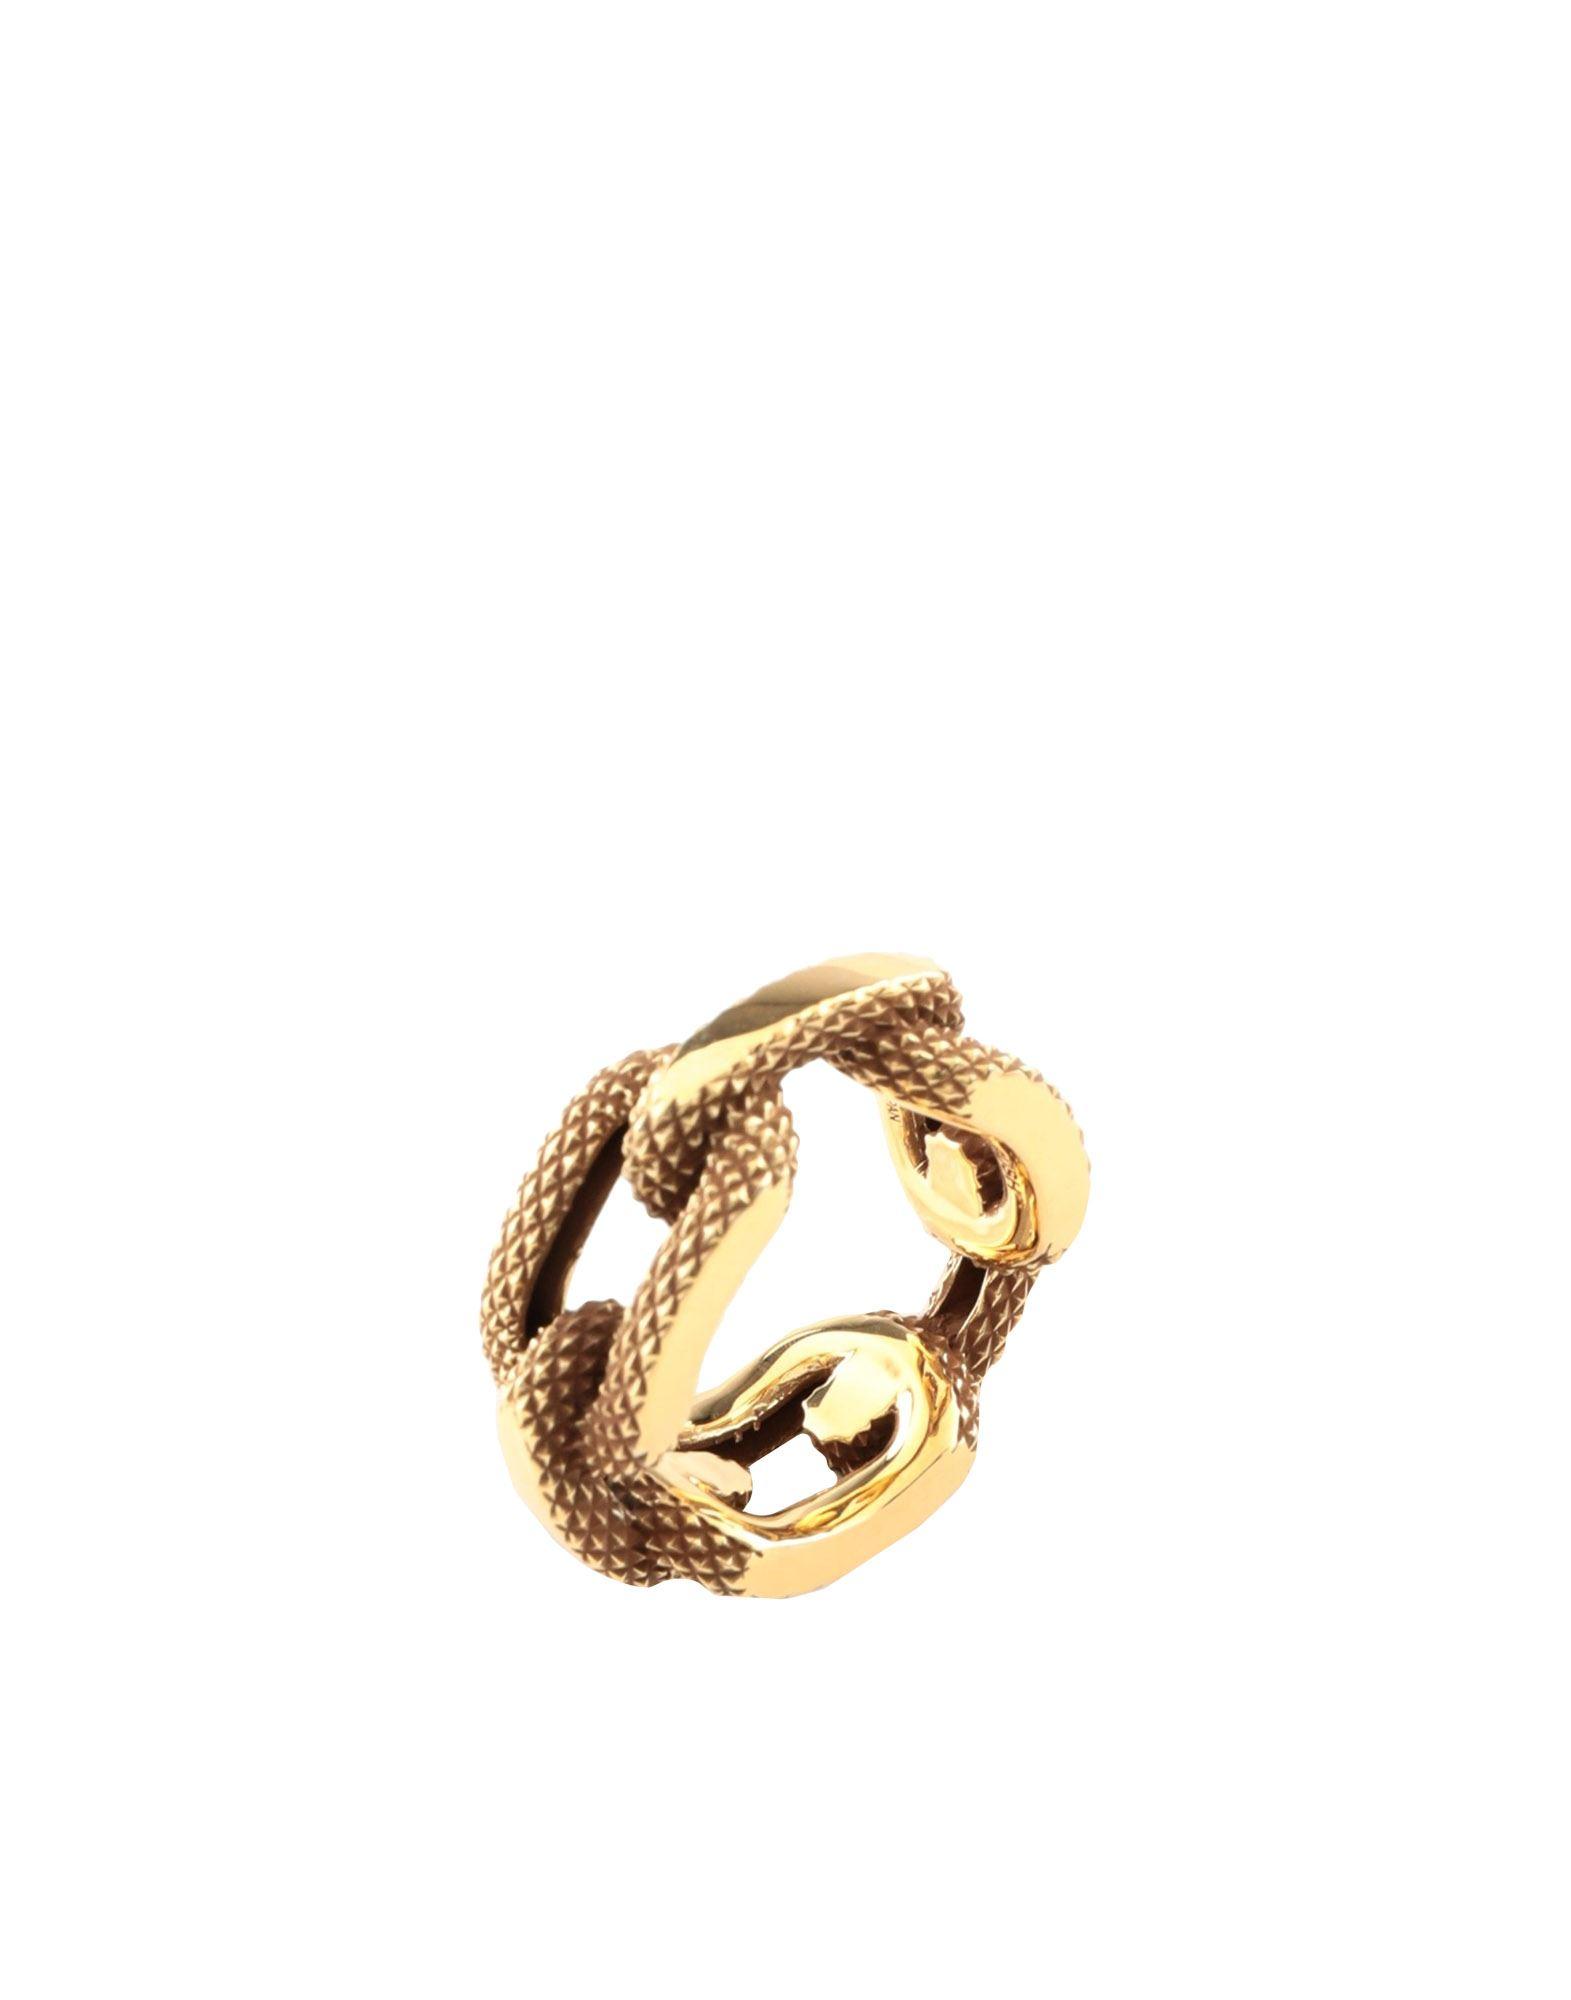 AMBUSH アンブッシュ メンズ 指輪 ゴールド